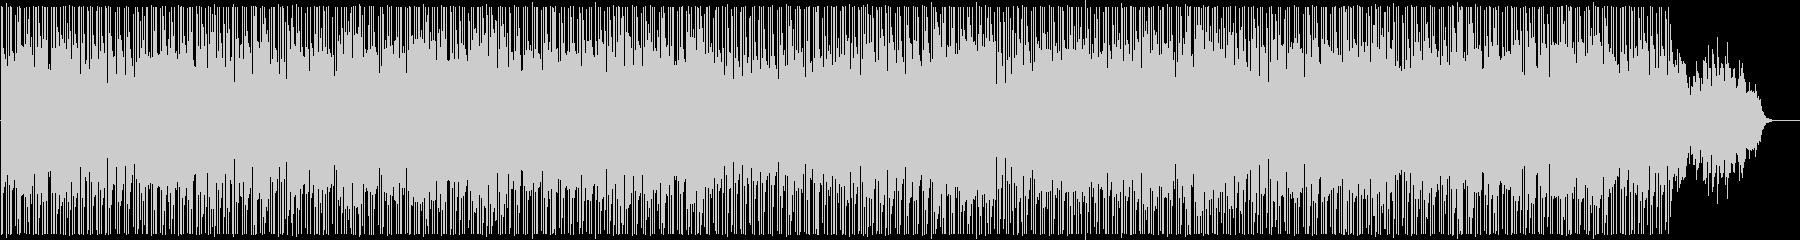 まったりと朗らかなシンセサウンドの未再生の波形